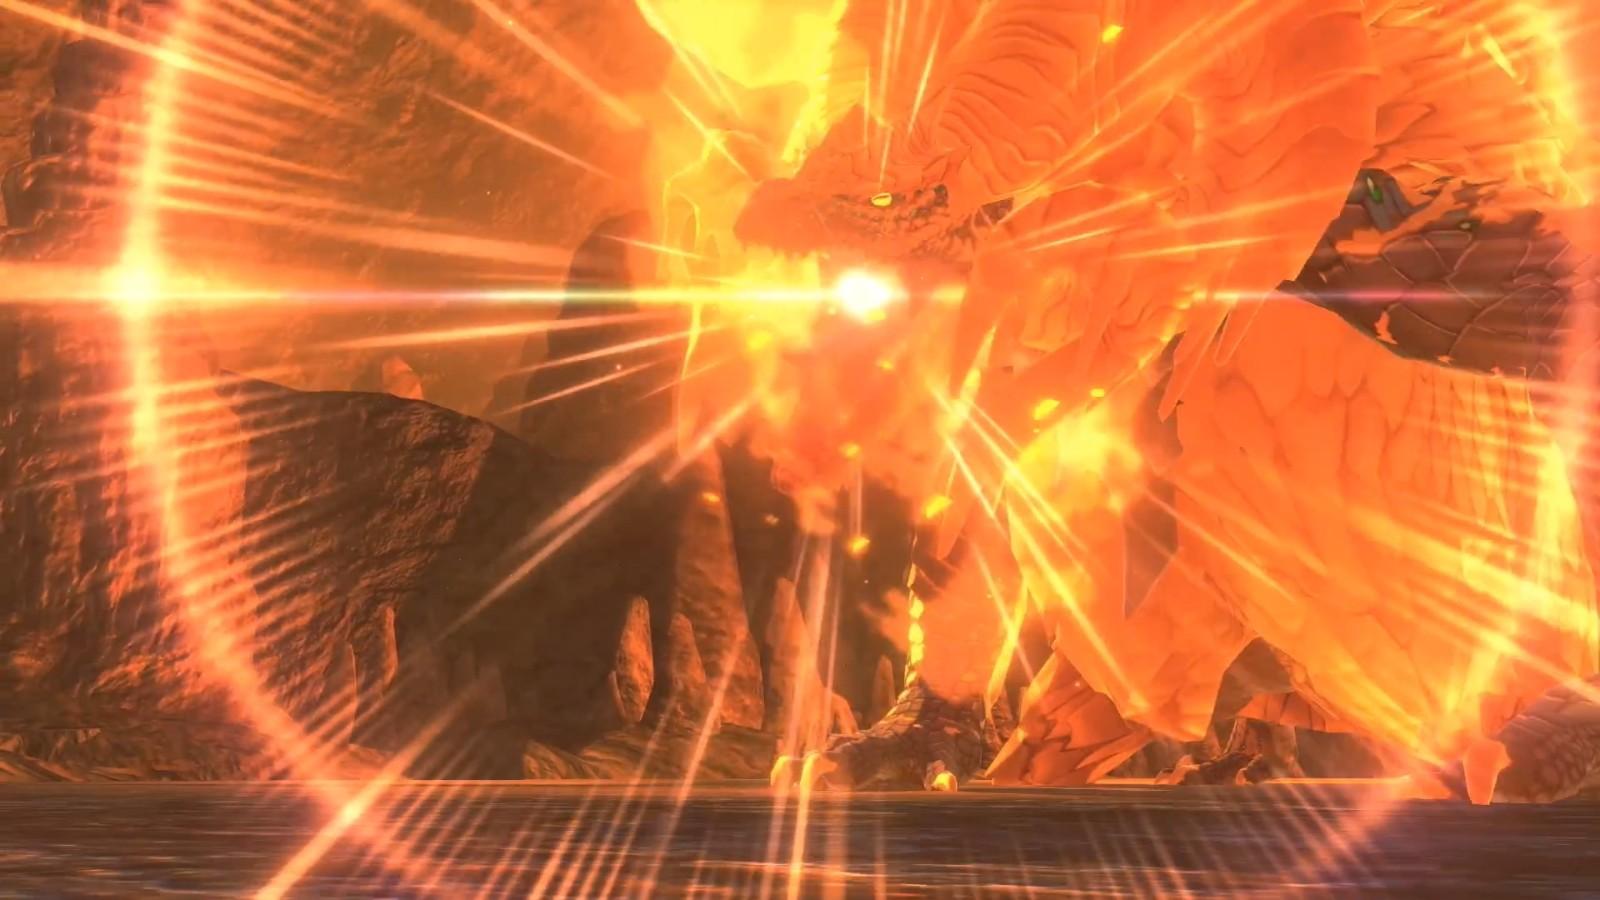 《怪物猎人物语2:毁灭之翼》特别节目 宣传片和实机演示等